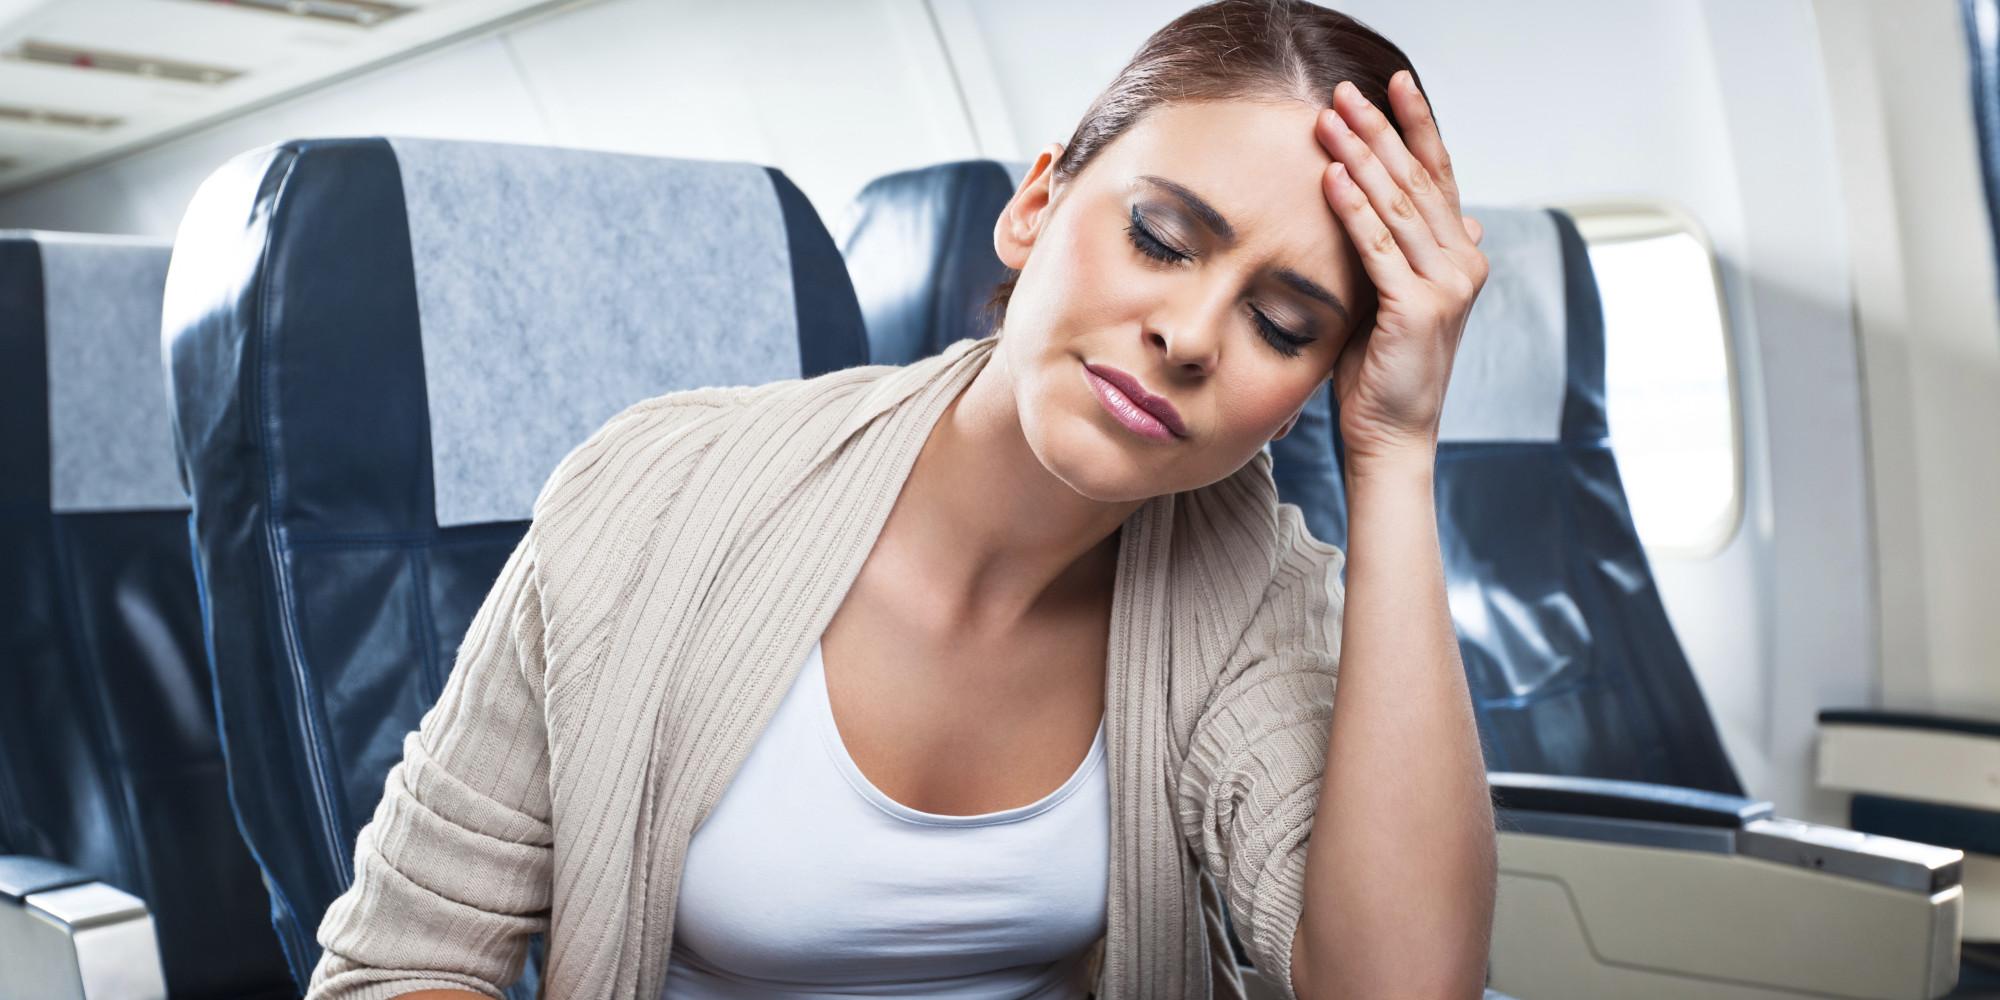 glavobolja u avionu